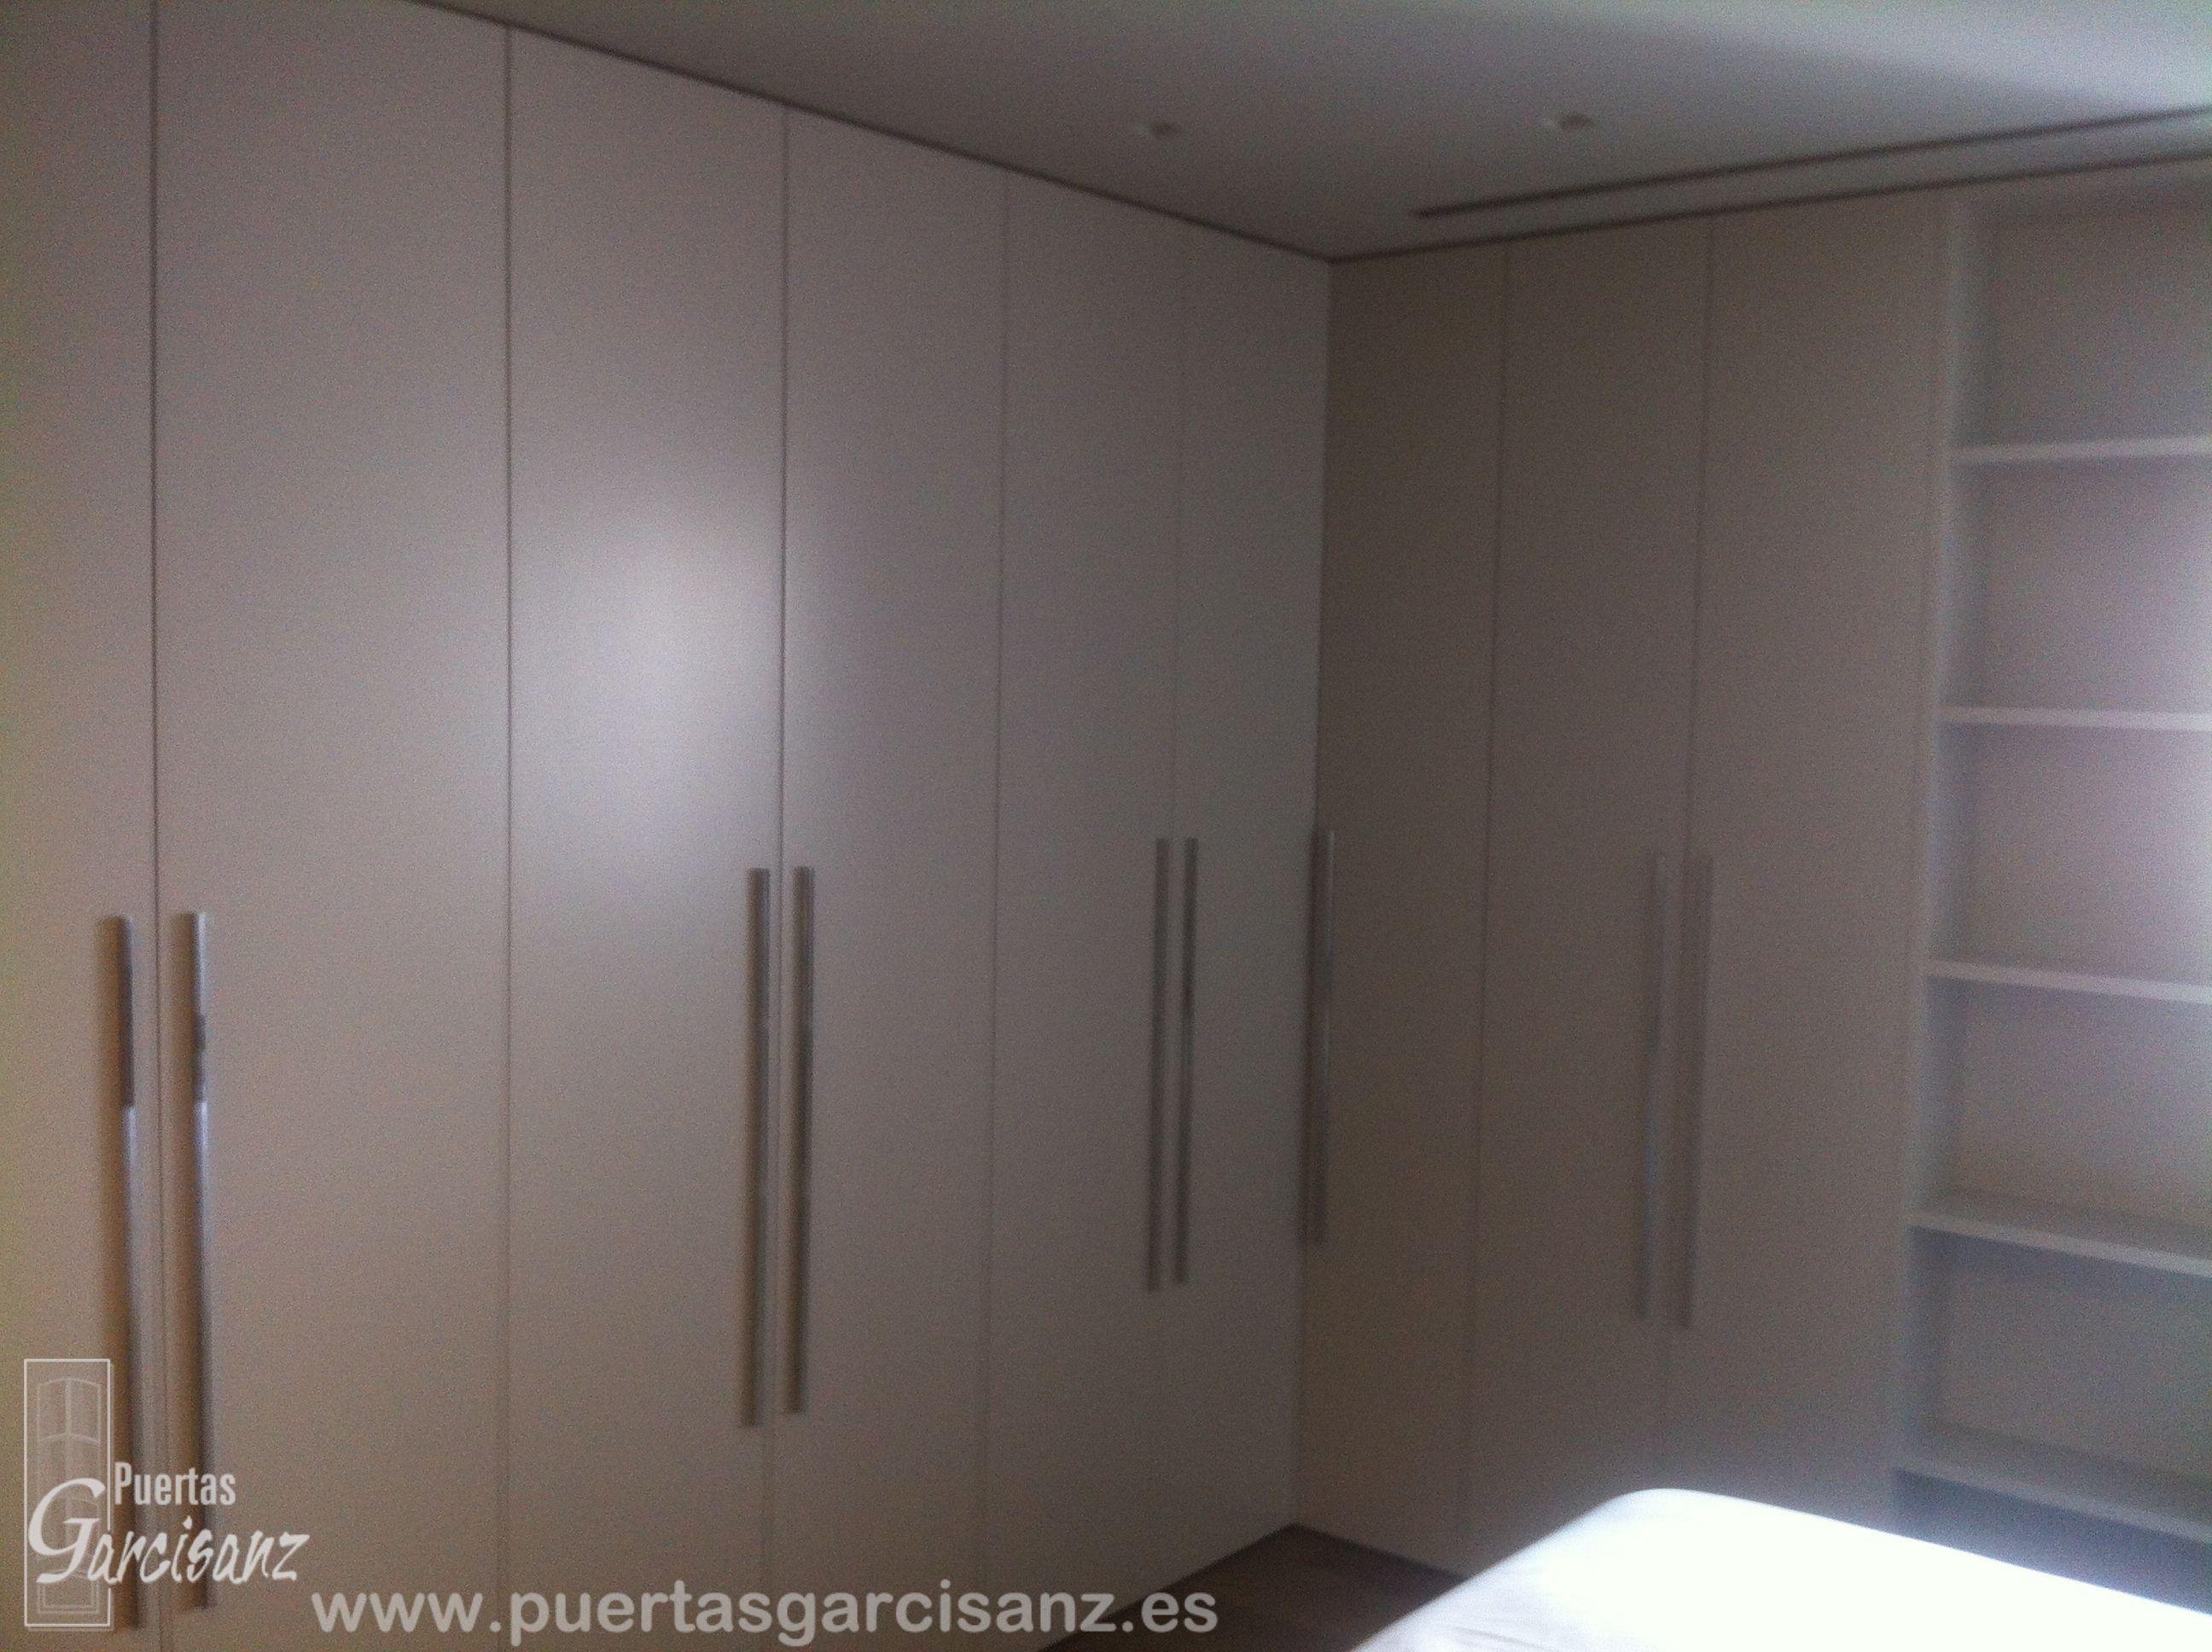 Frente de armario abatible lacado en blanco, sin perfiles y sin remates